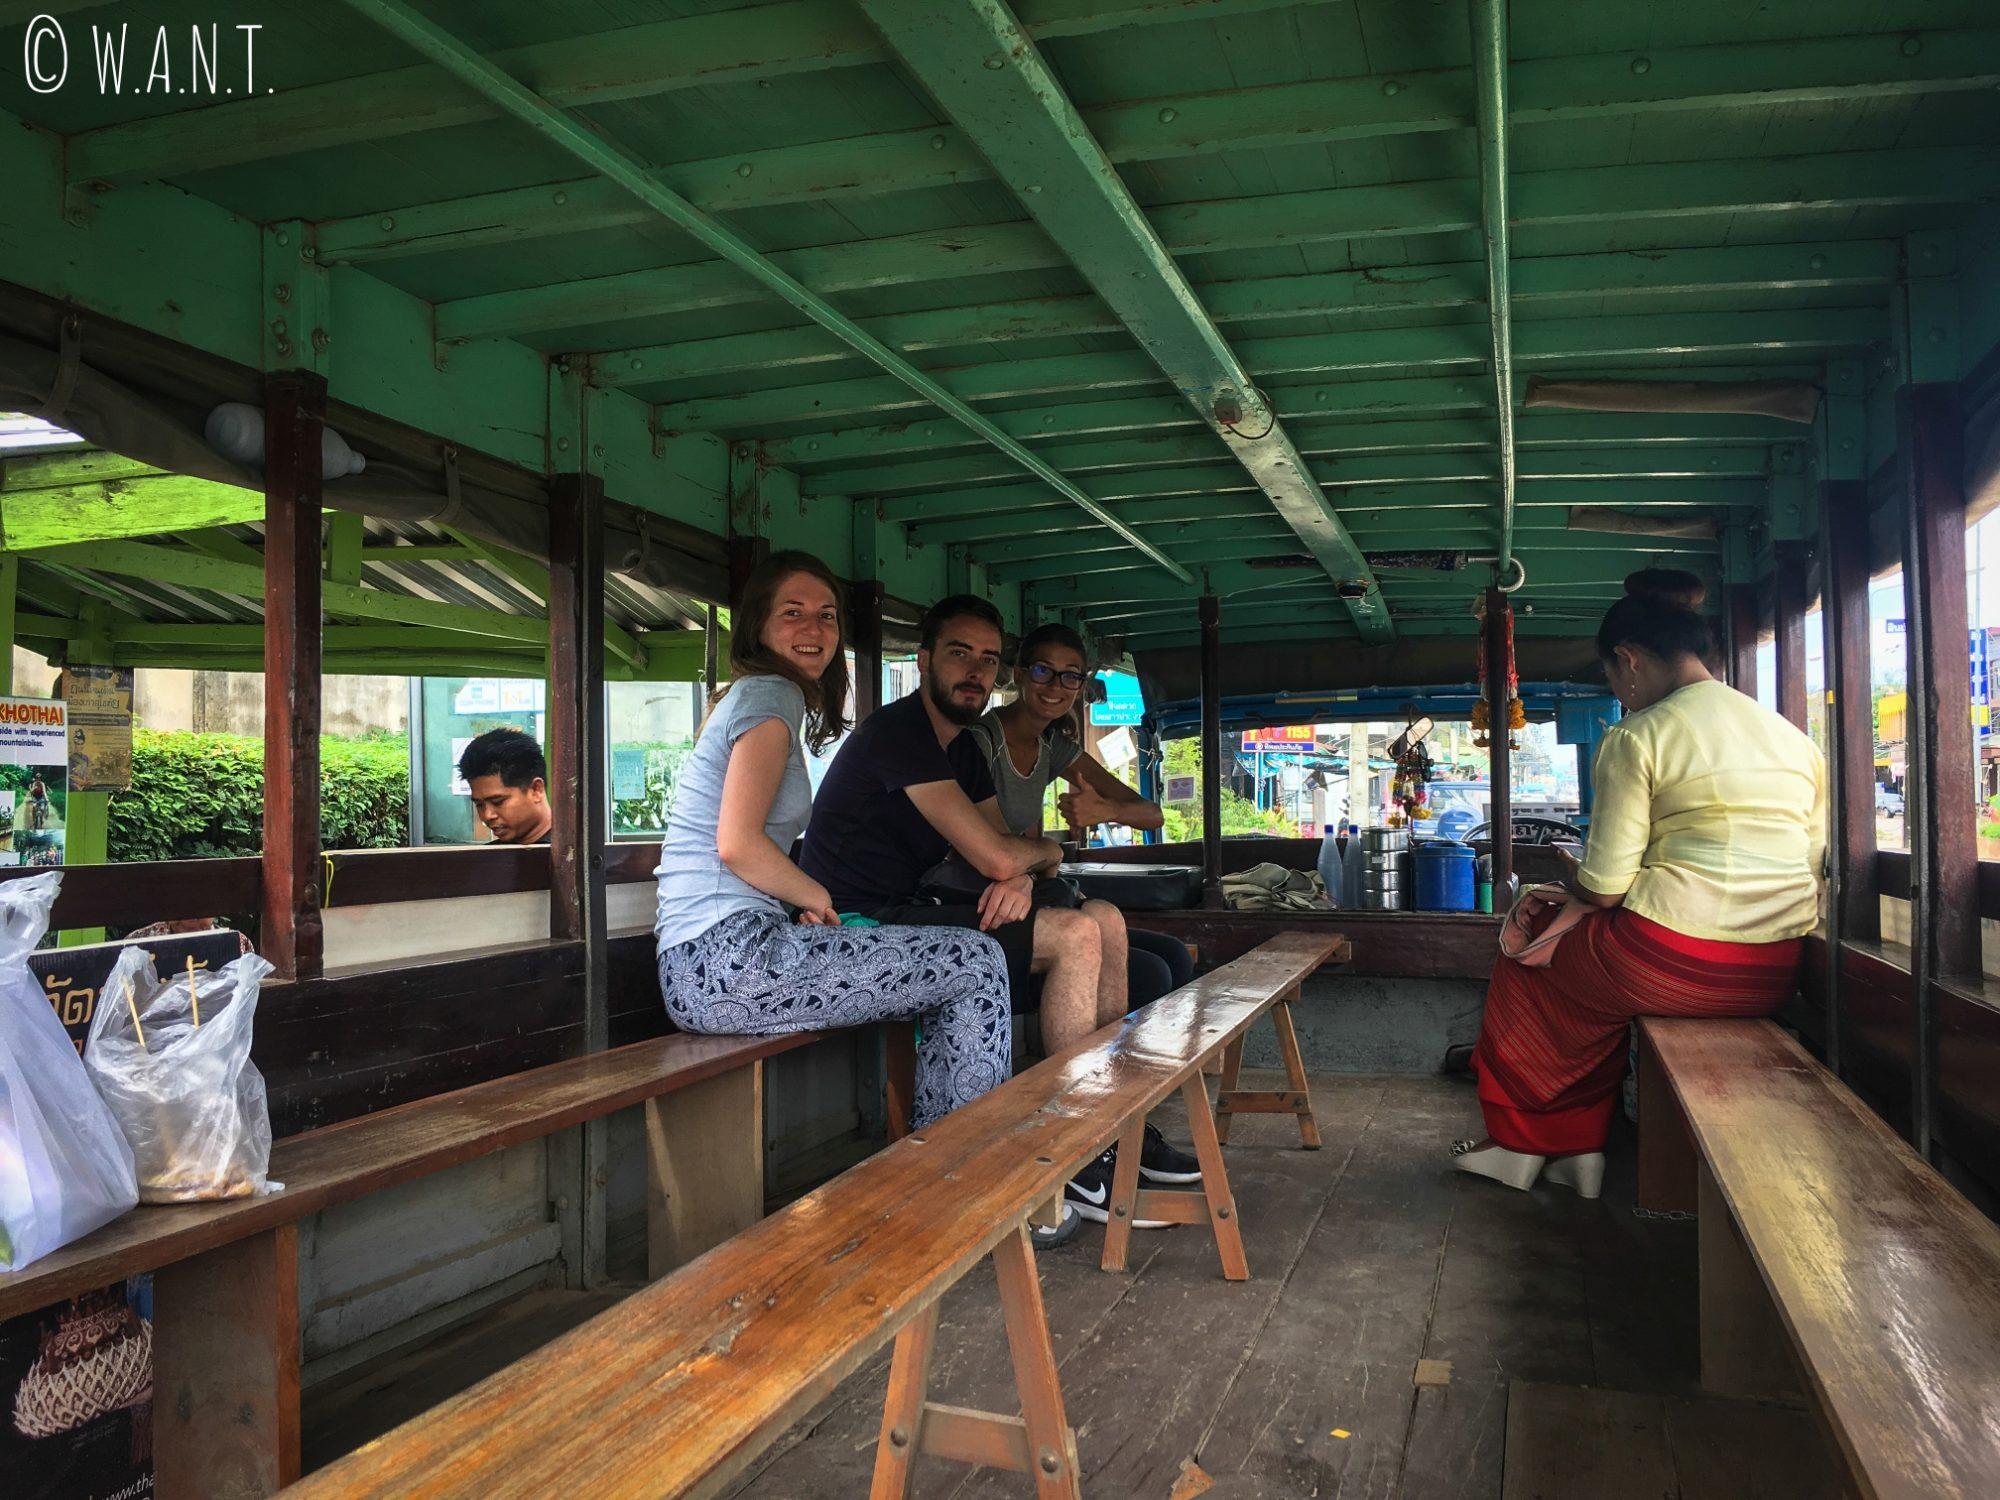 À l'intérieur de la navette nous conduisant de New Sukhothai à Old Sukhothai